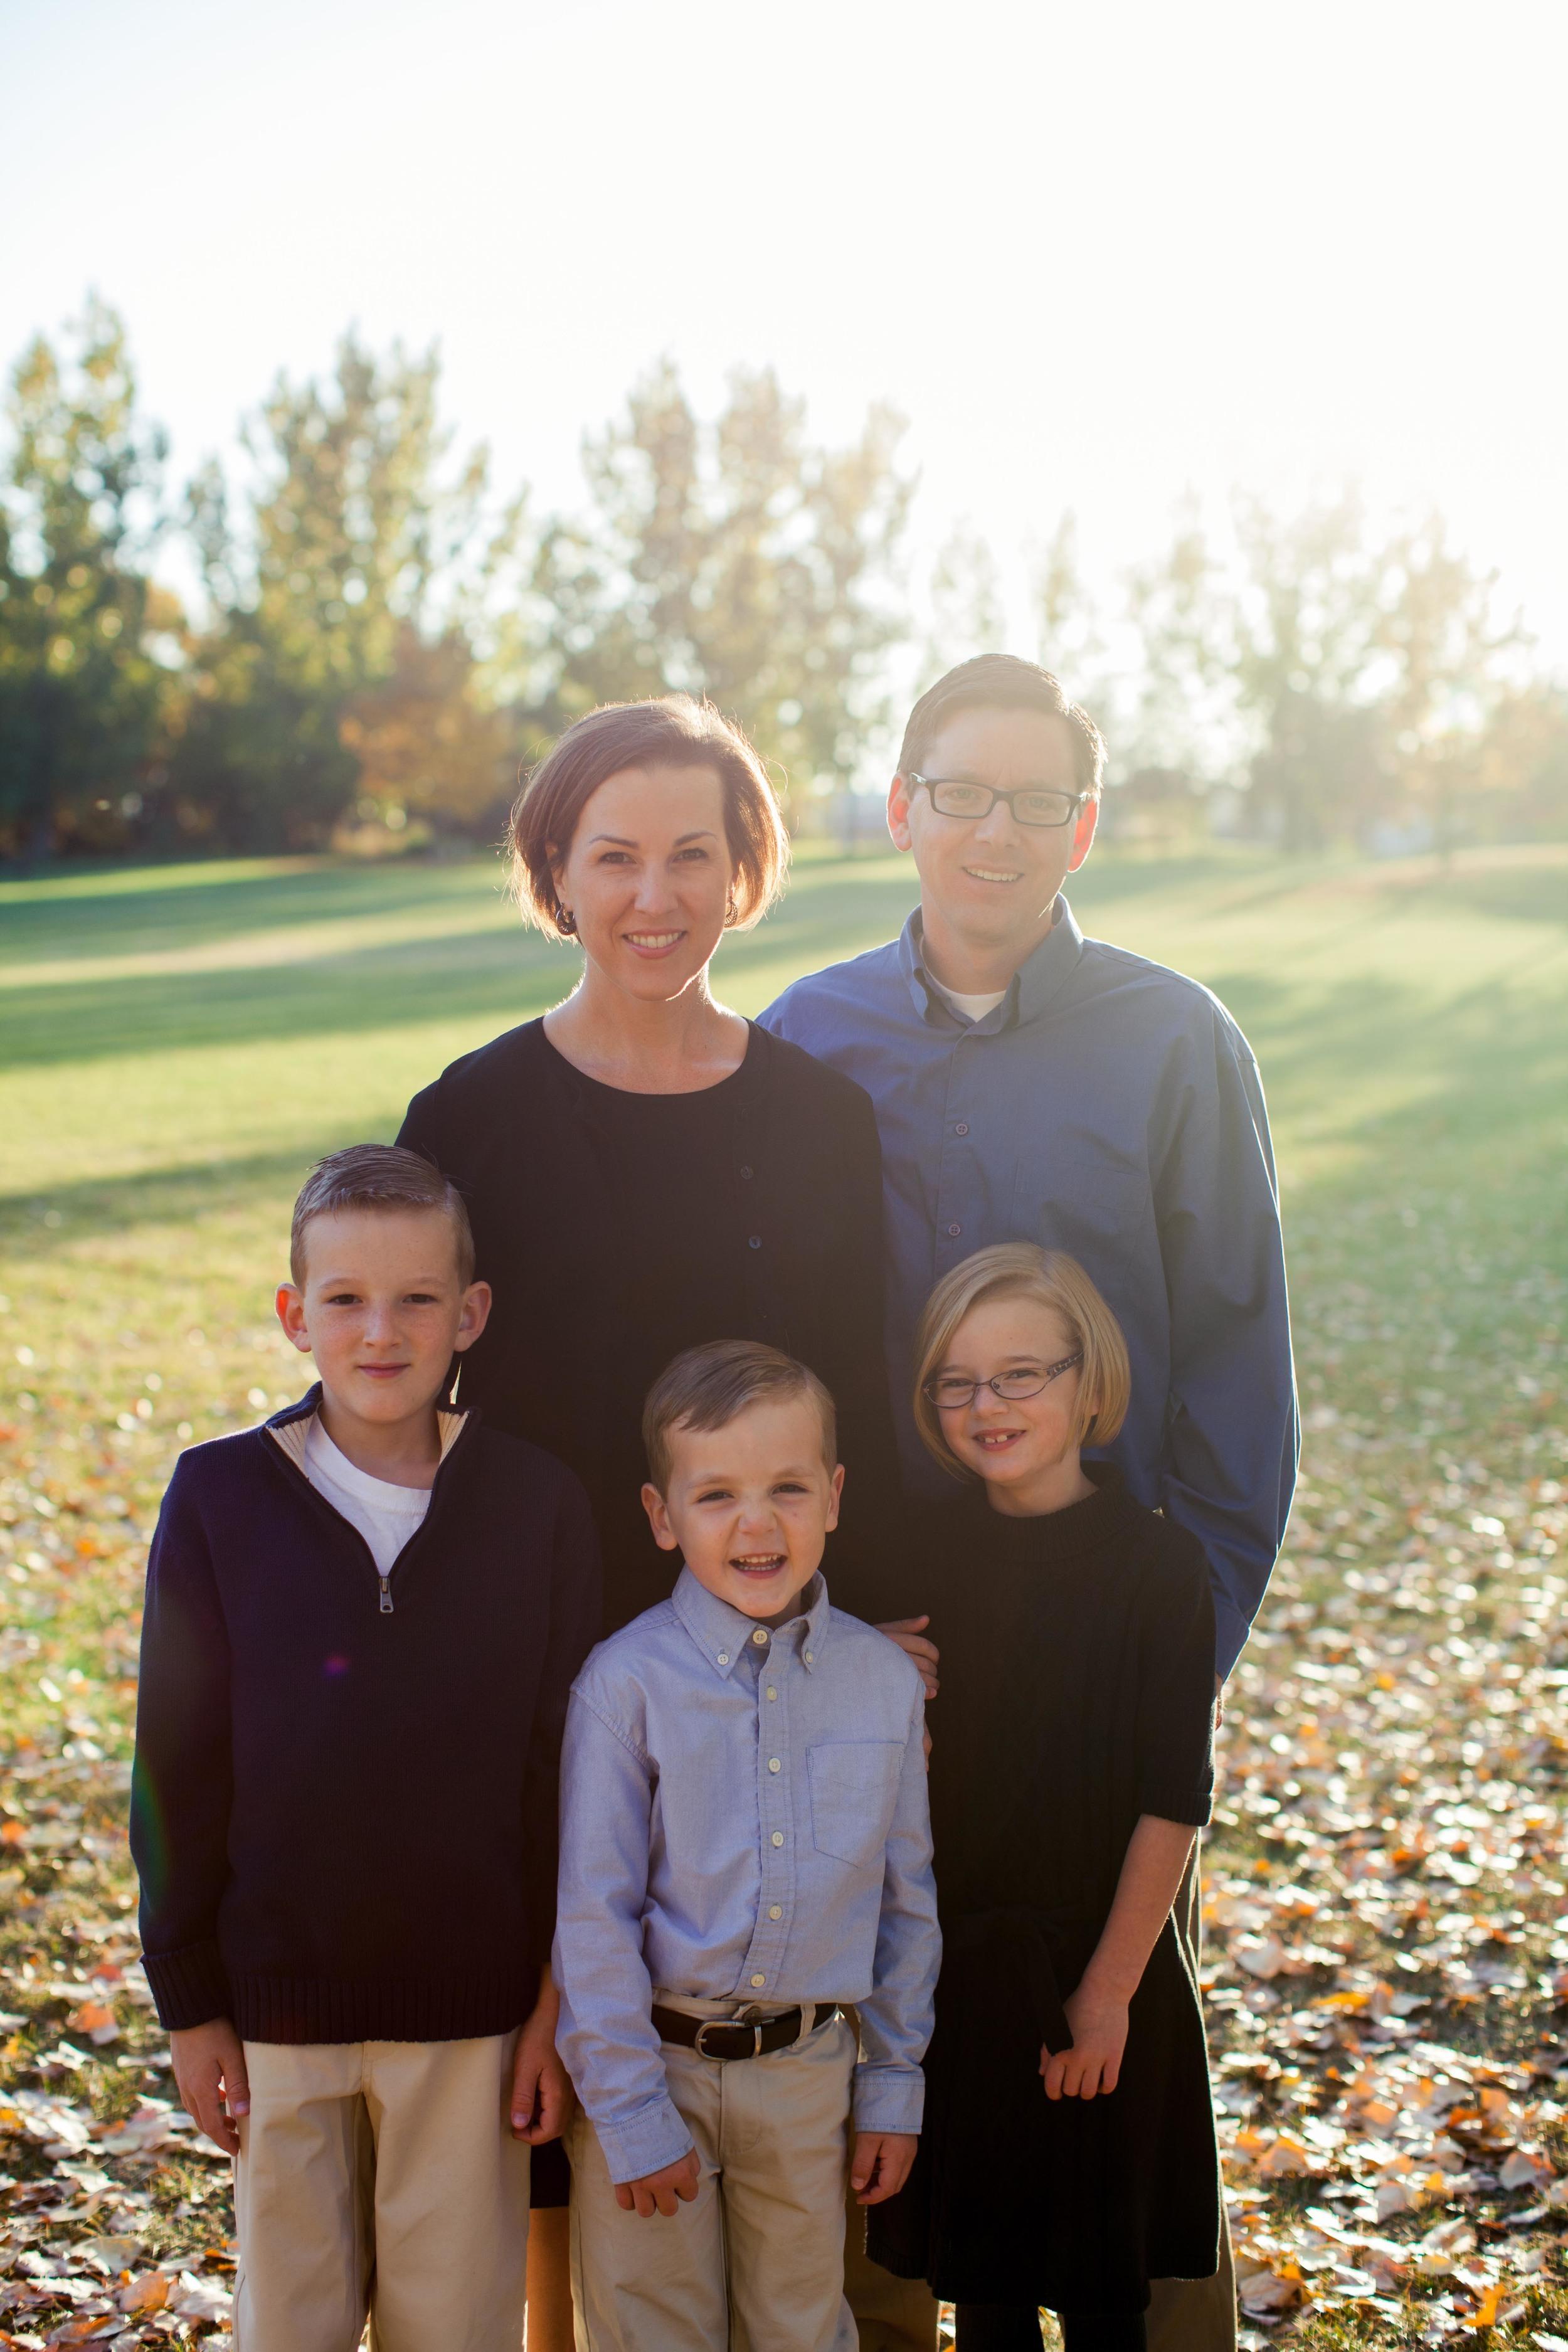 h family_131022_0108_1.jpg